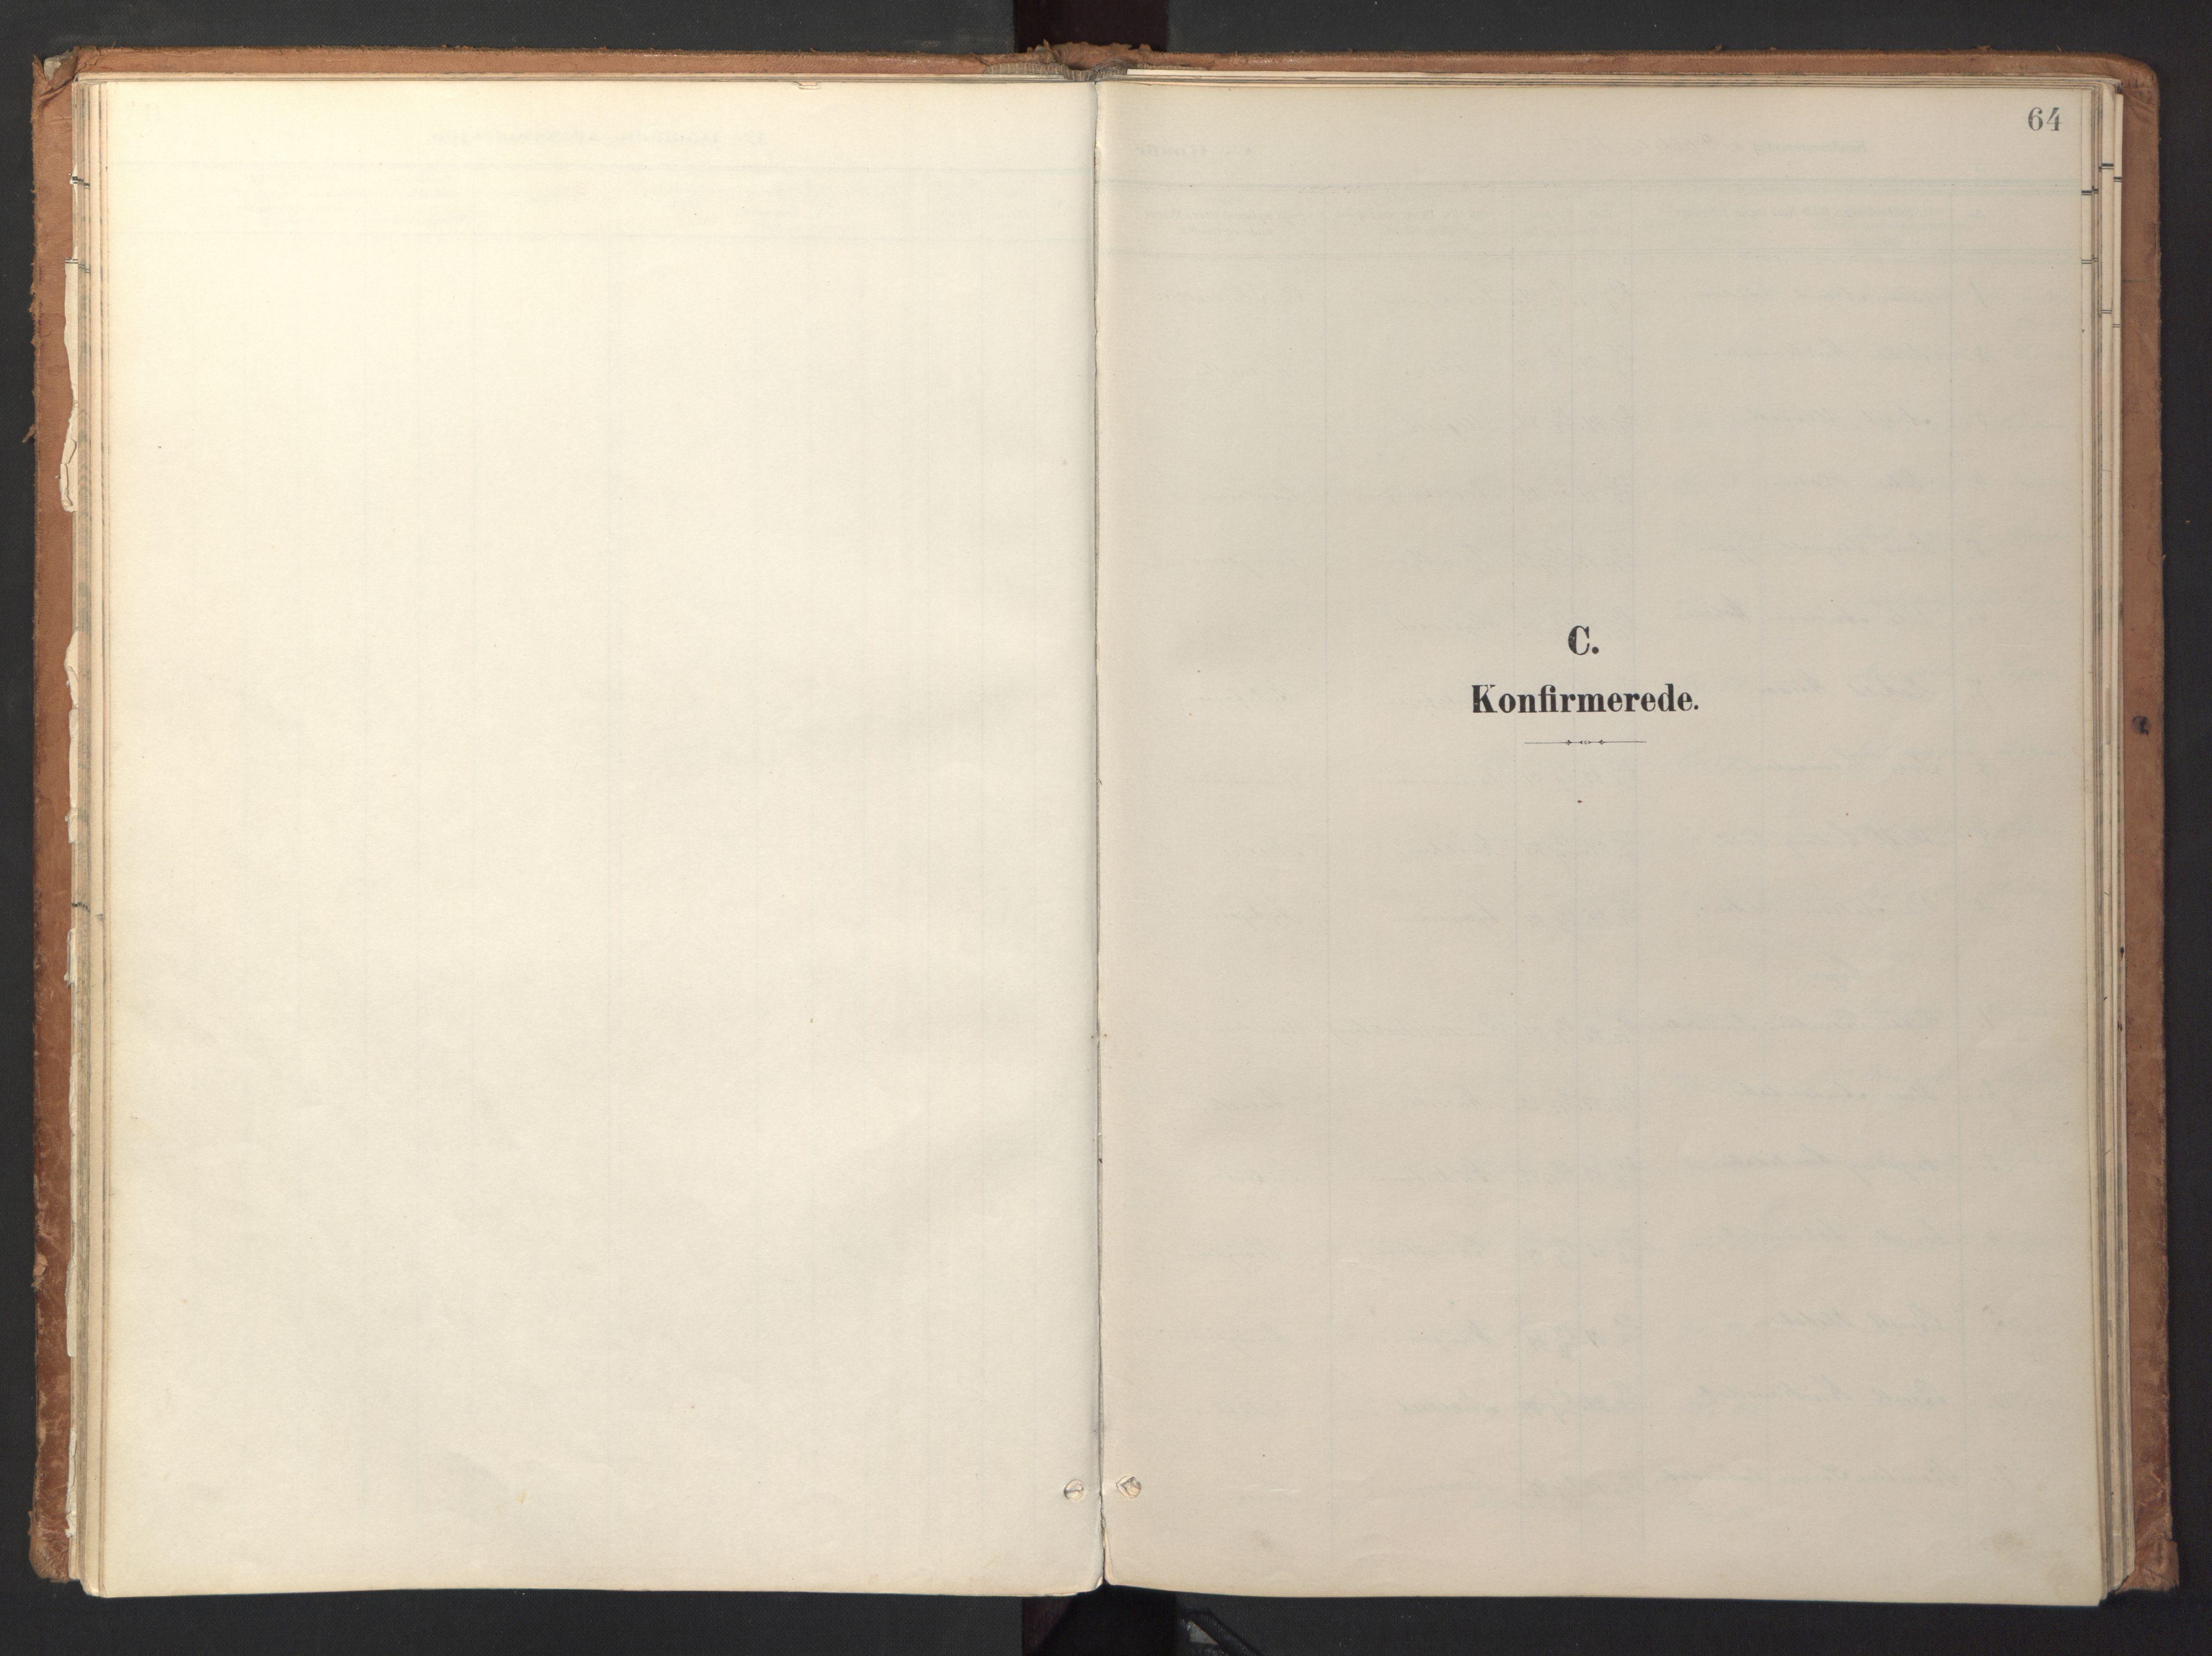 SAT, Ministerialprotokoller, klokkerbøker og fødselsregistre - Sør-Trøndelag, 618/L0448: Ministerialbok nr. 618A11, 1898-1916, s. 64